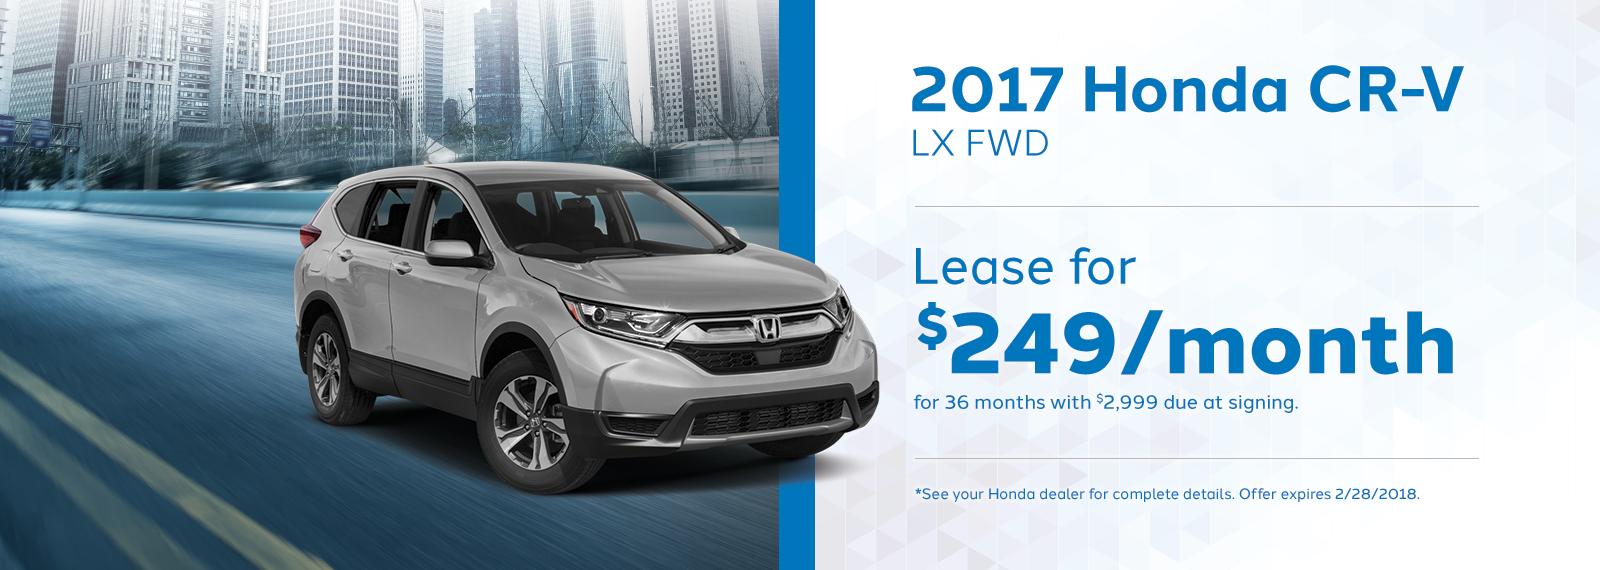 2017 Honda CRV Lease Offer February